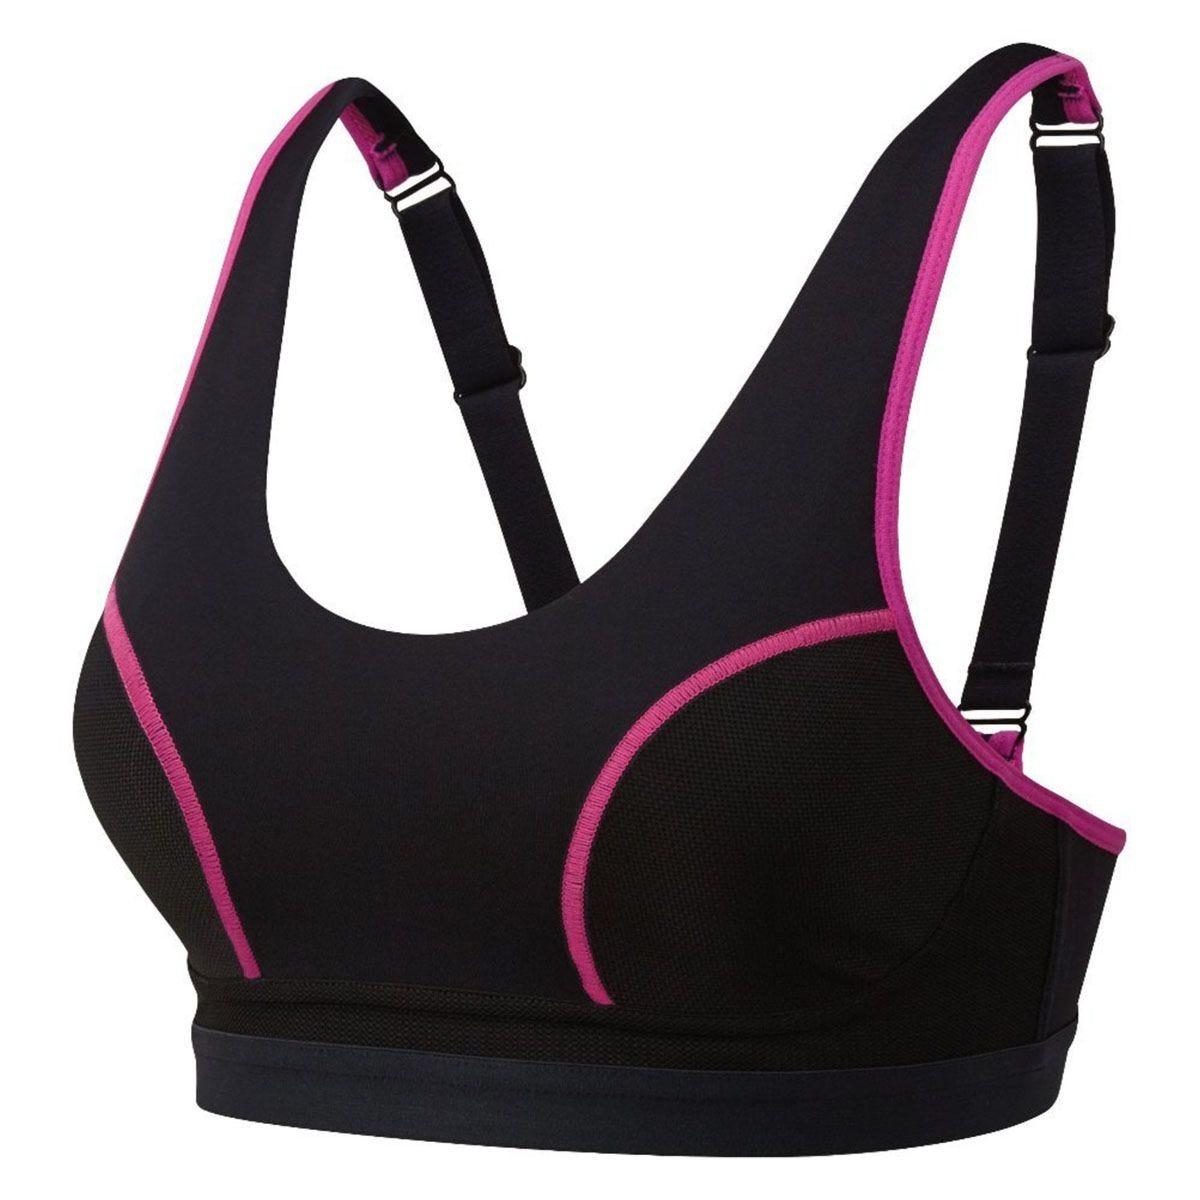 Runderwear Original Support Running Bra 28D  - Pink